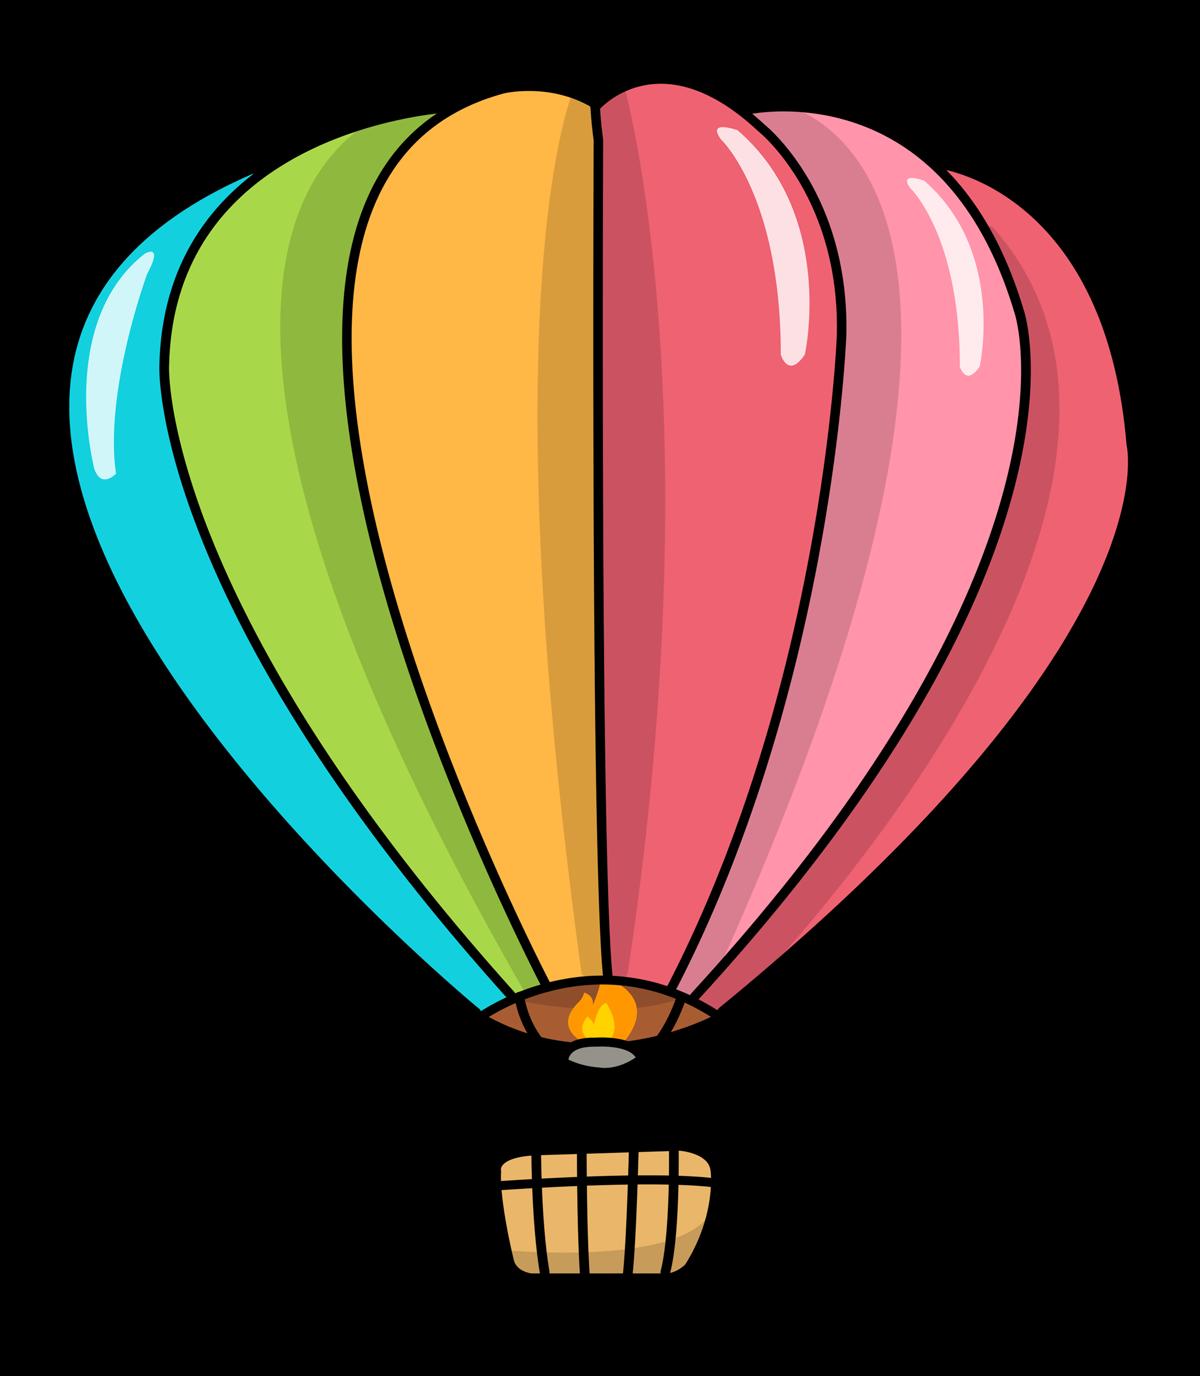 Hot Air Balloon Clip Art - Hot Air Balloon Images Clip Art